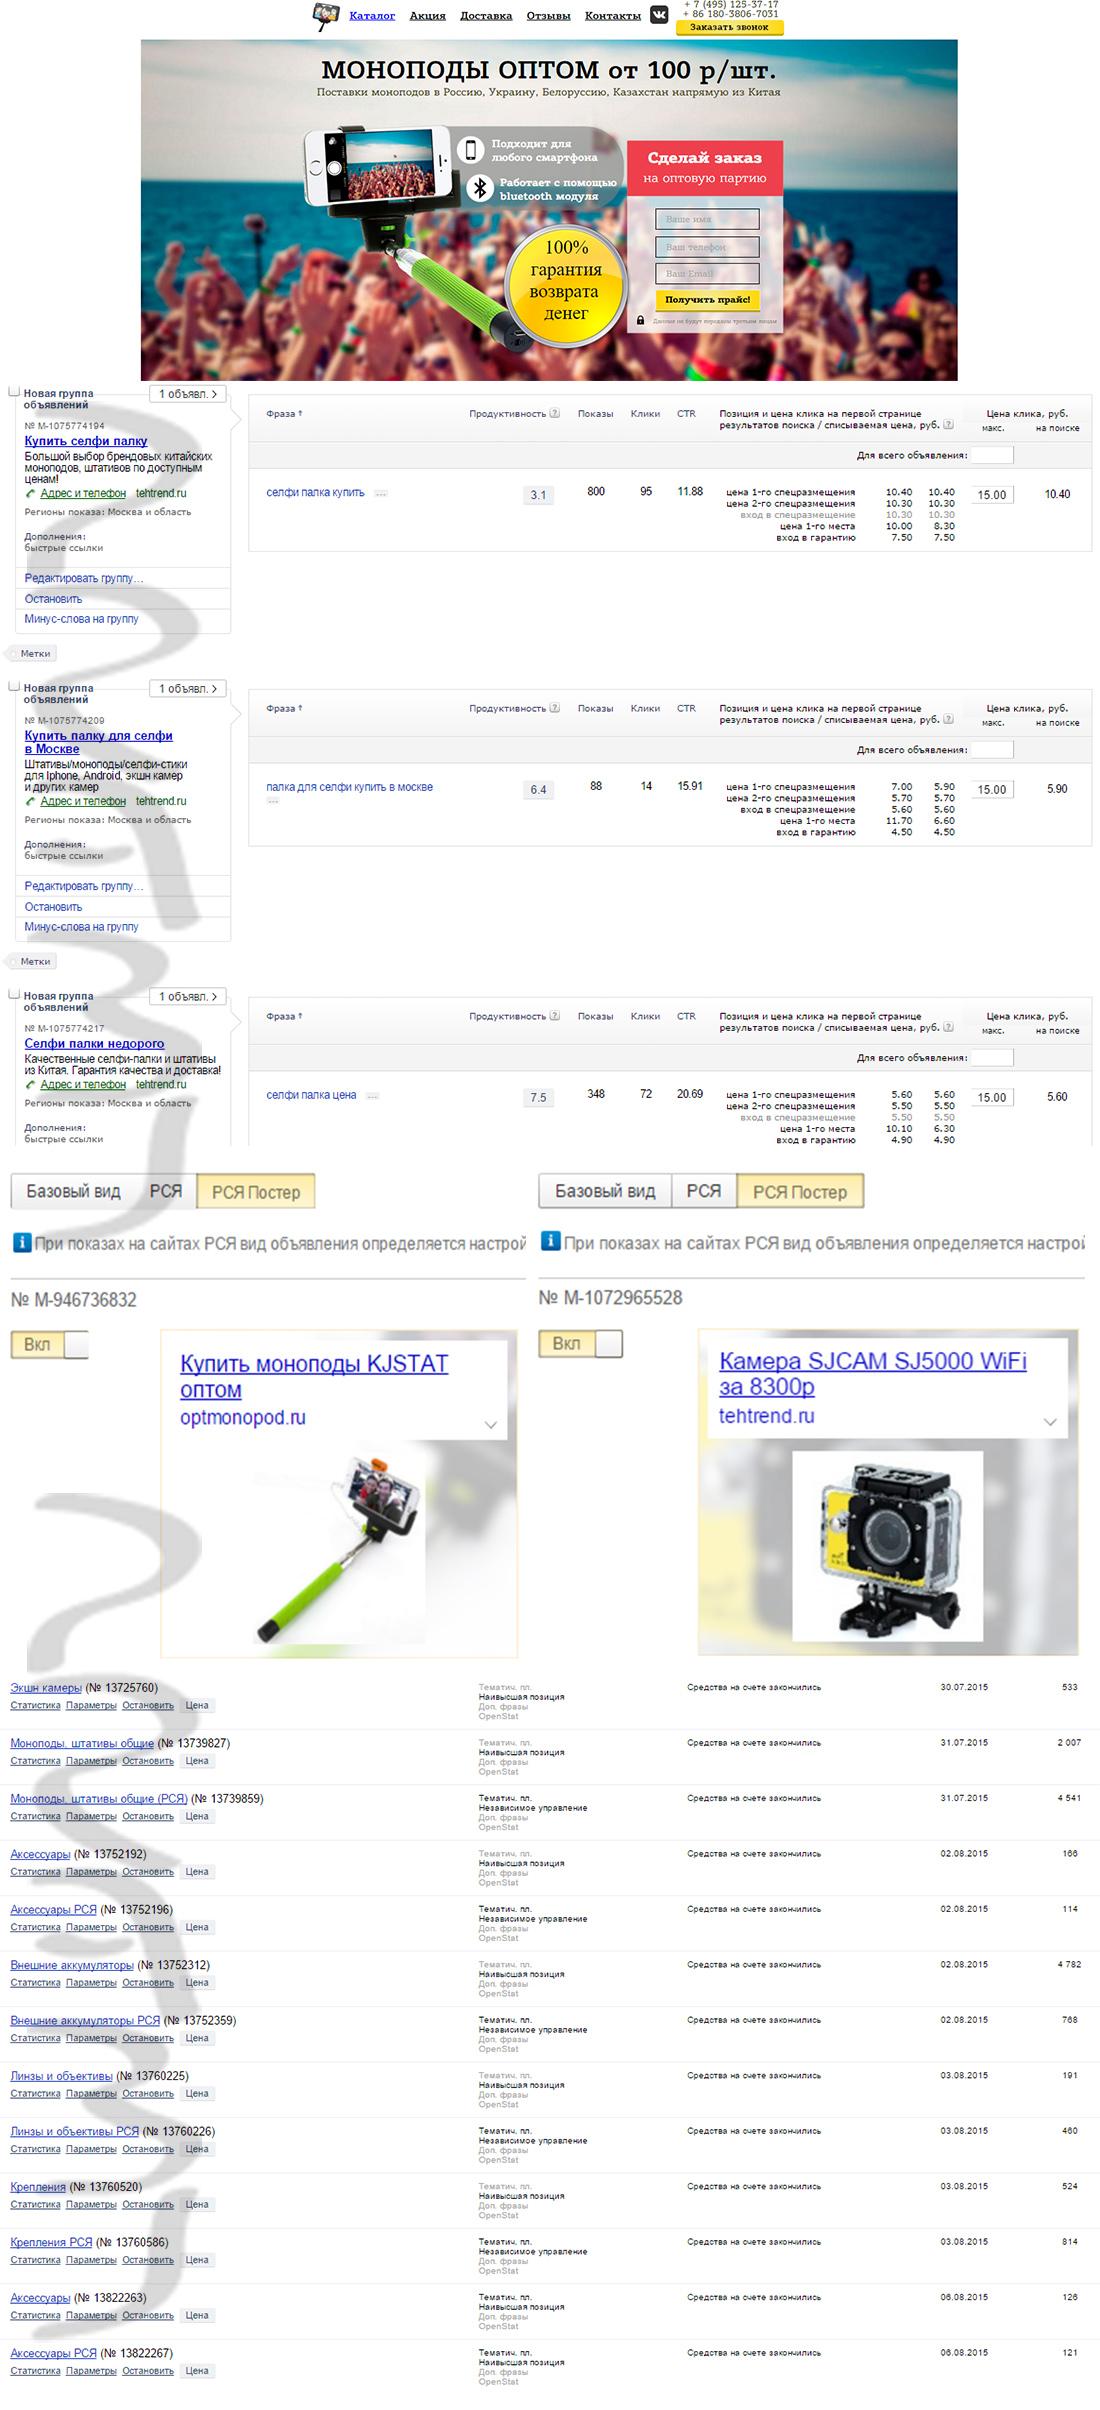 Яндекс Директ | Москва | Экшн камеры и аксессуары | Интернет-магазин